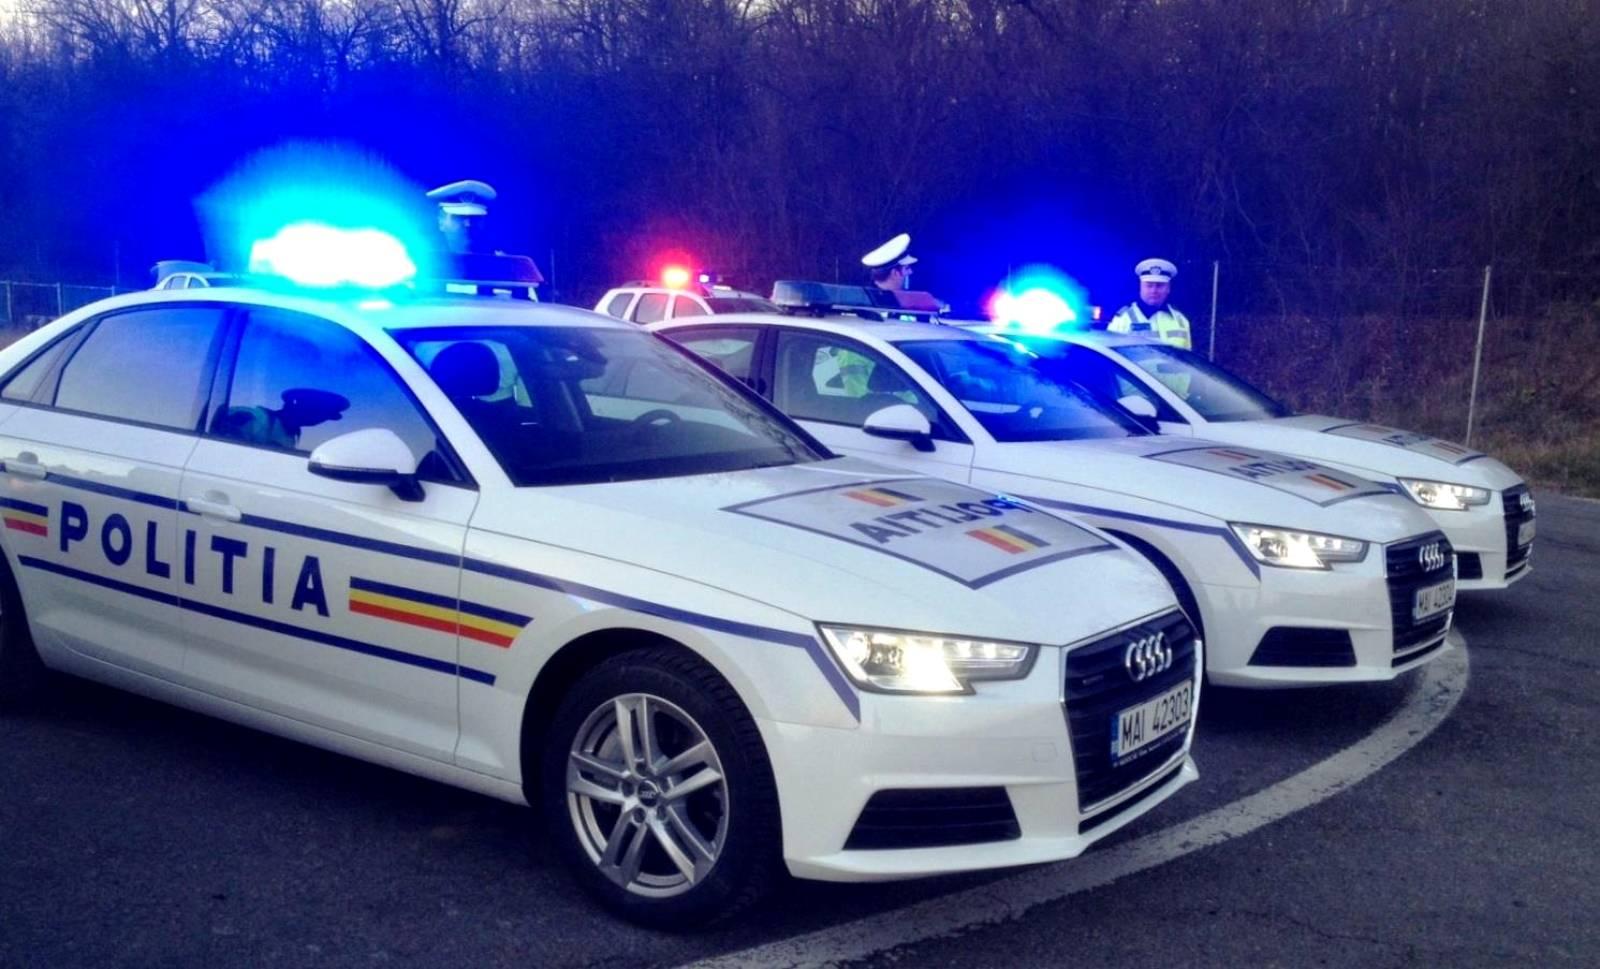 Politia Romana Mesaj ATENTIONARE Milioane Romani